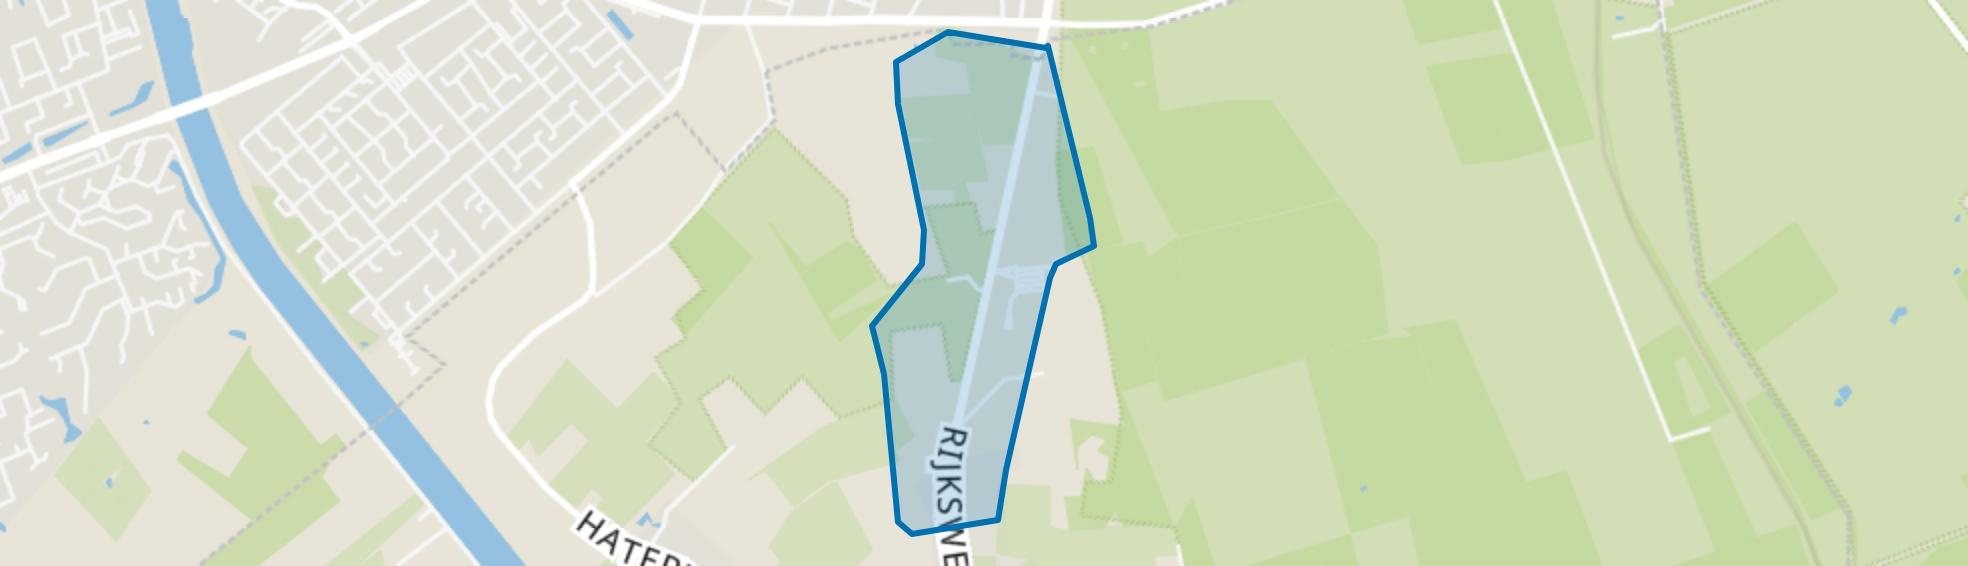 Kluis, Malden map